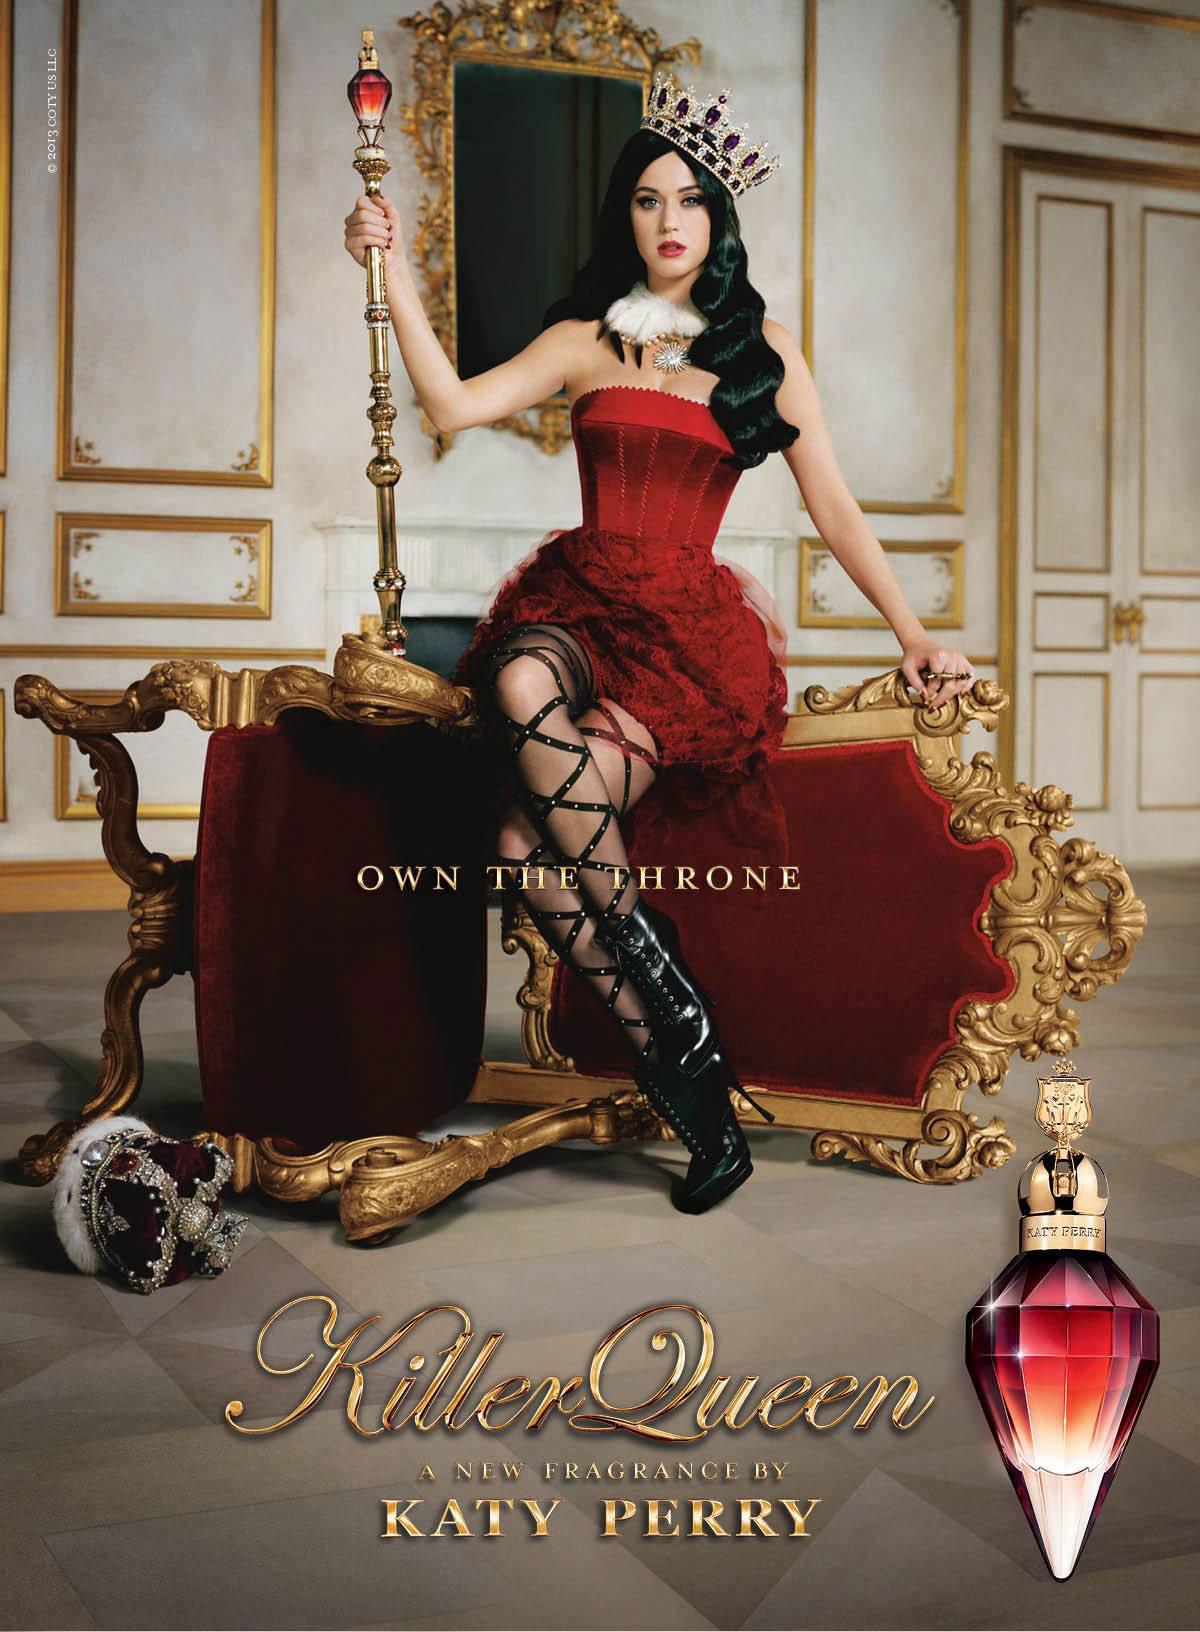 Кэти Перри выпустила новый аромат Killer Queen